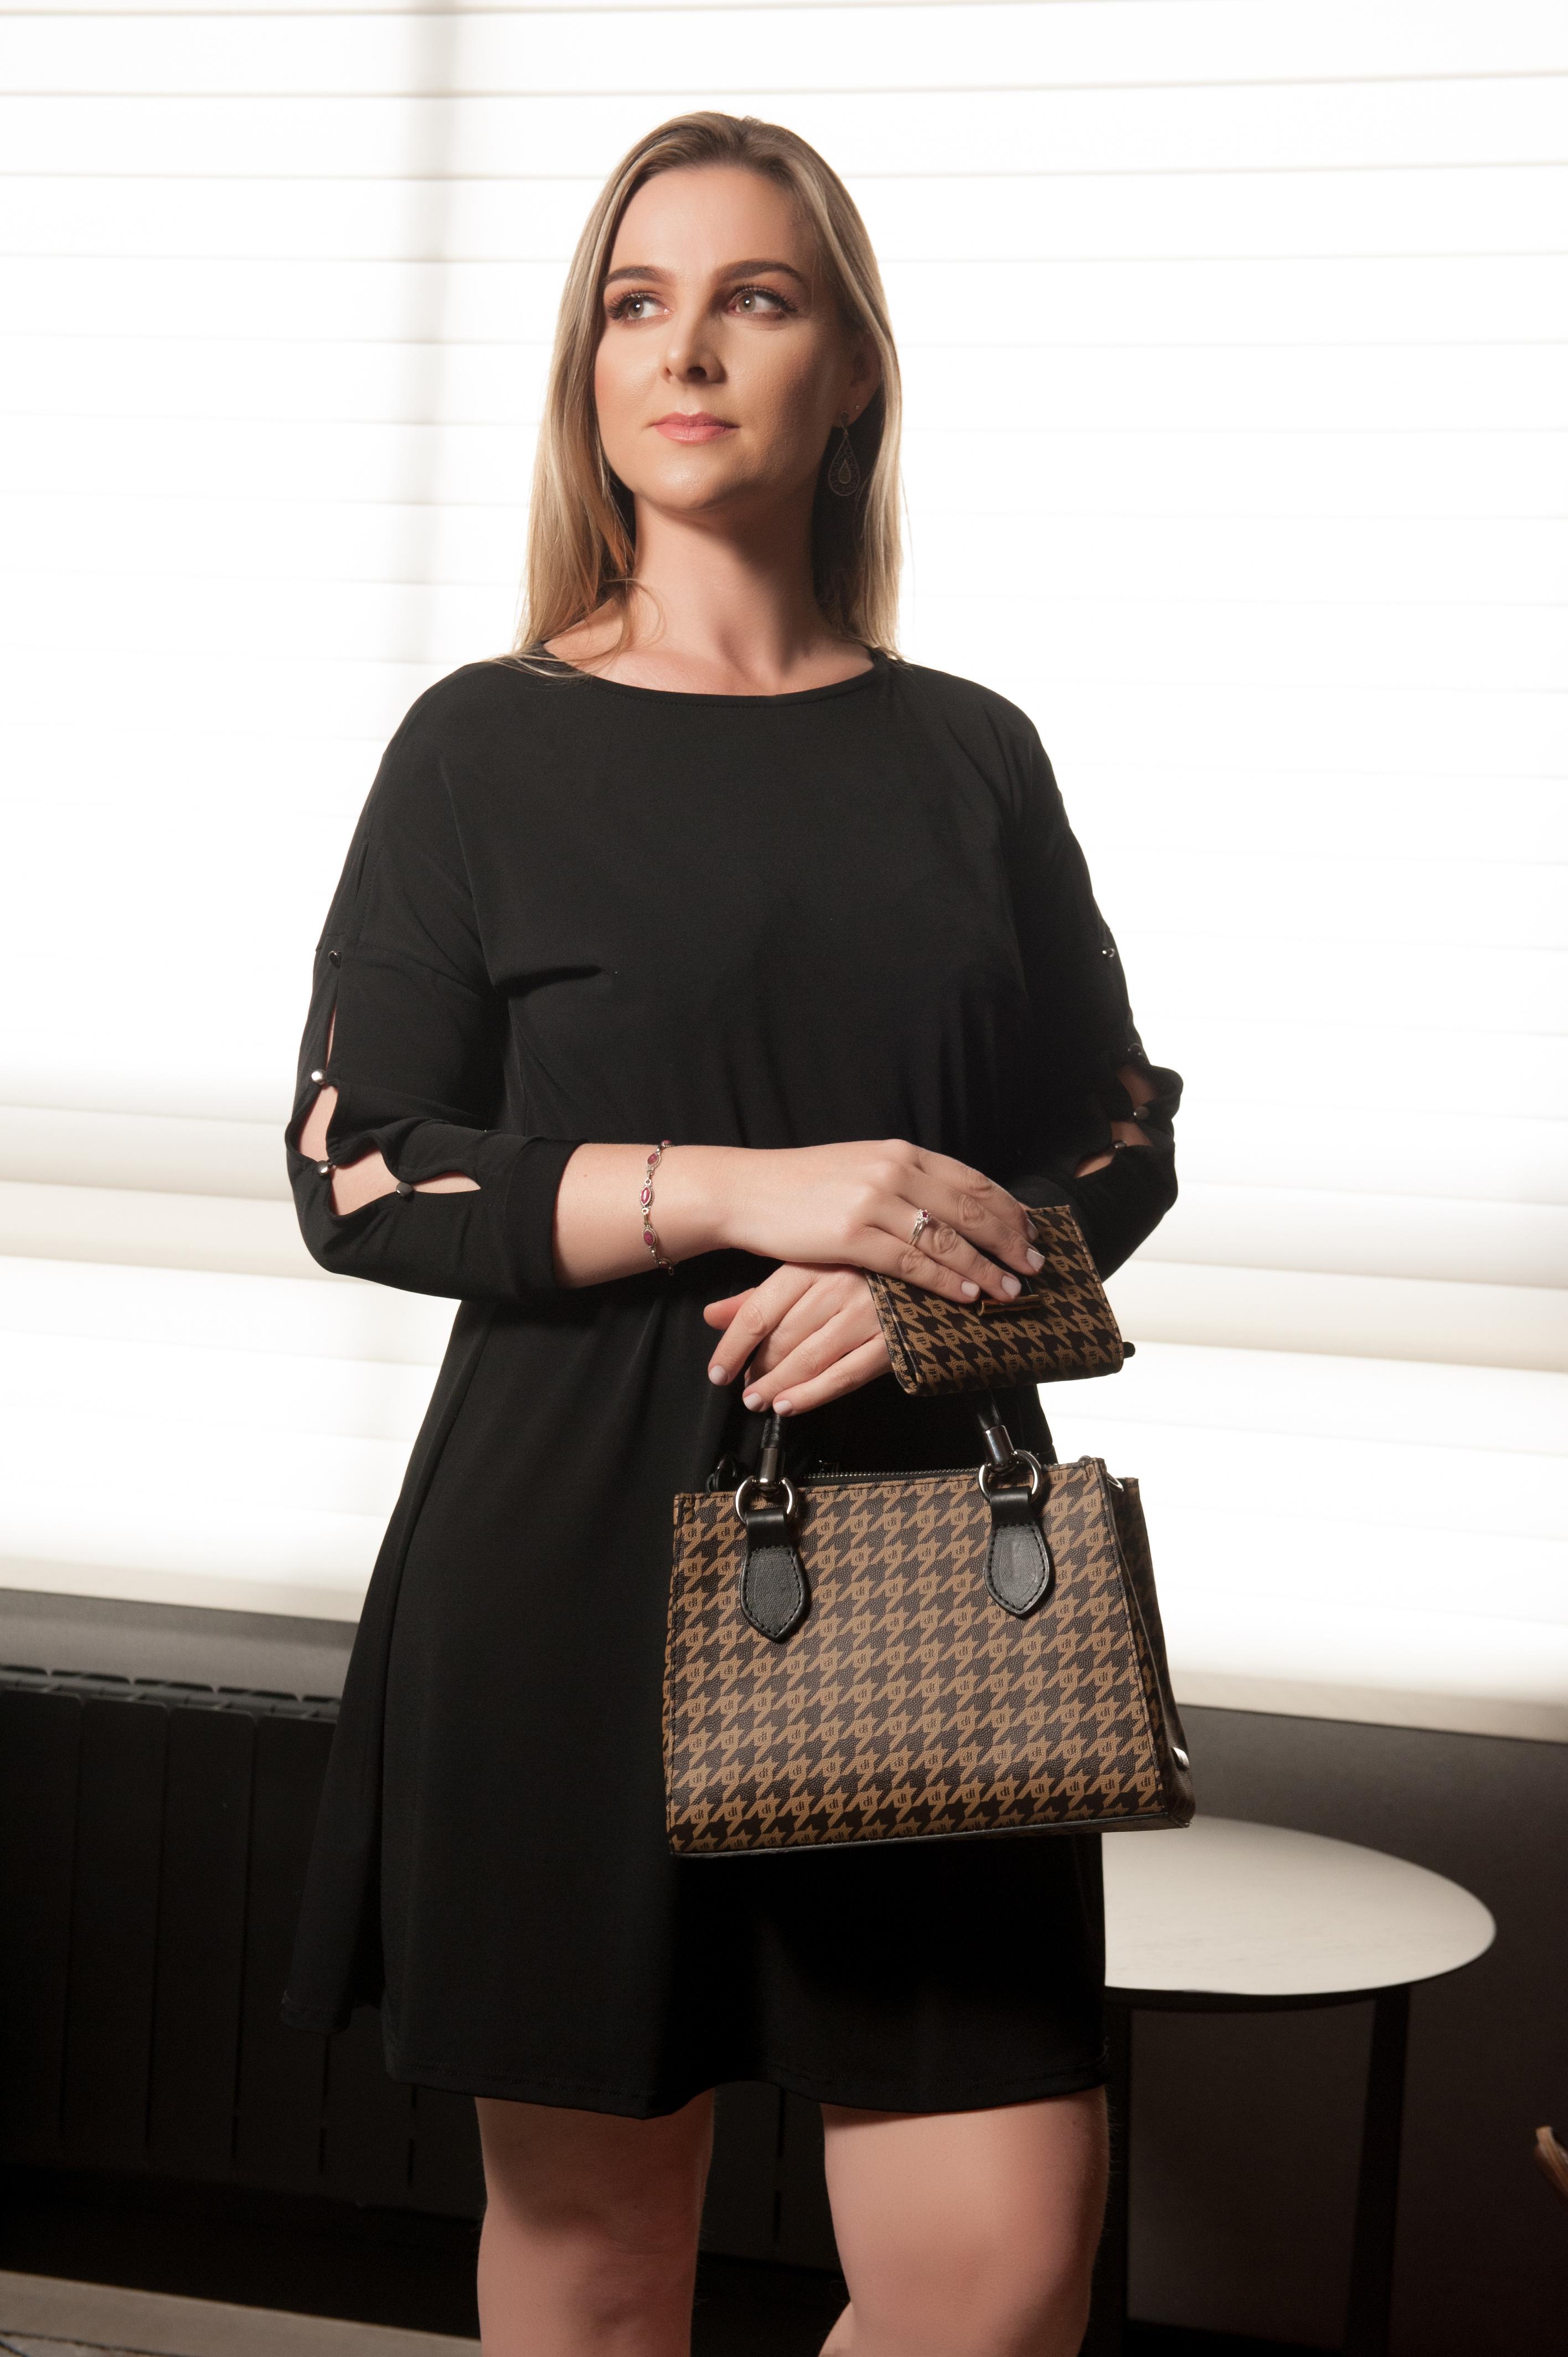 A modelo está usando um vestido preto e segurando uma carteira e uma bolsa.